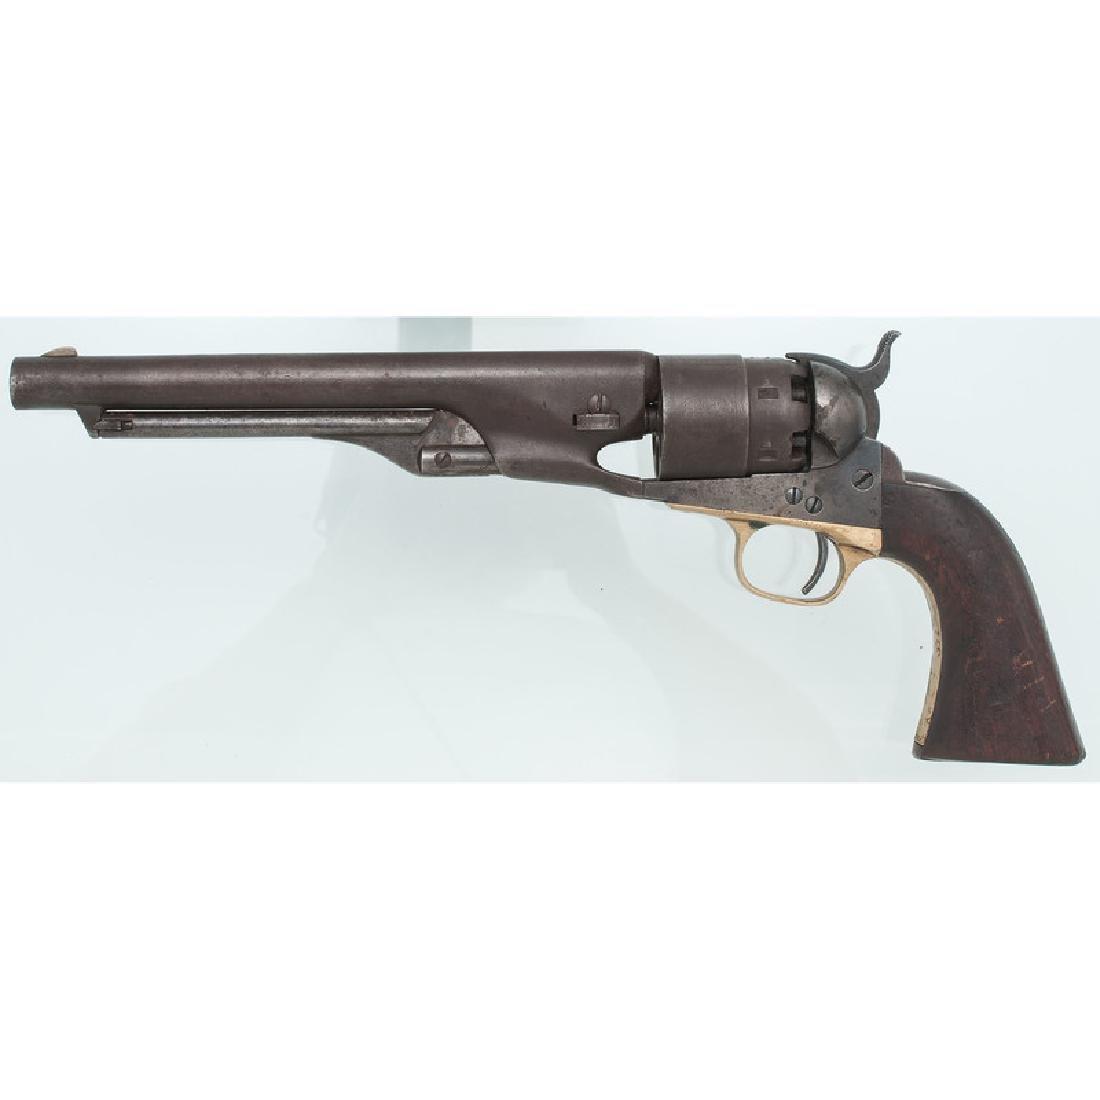 Colt Model 1860 Army Percussion Revolver - 2